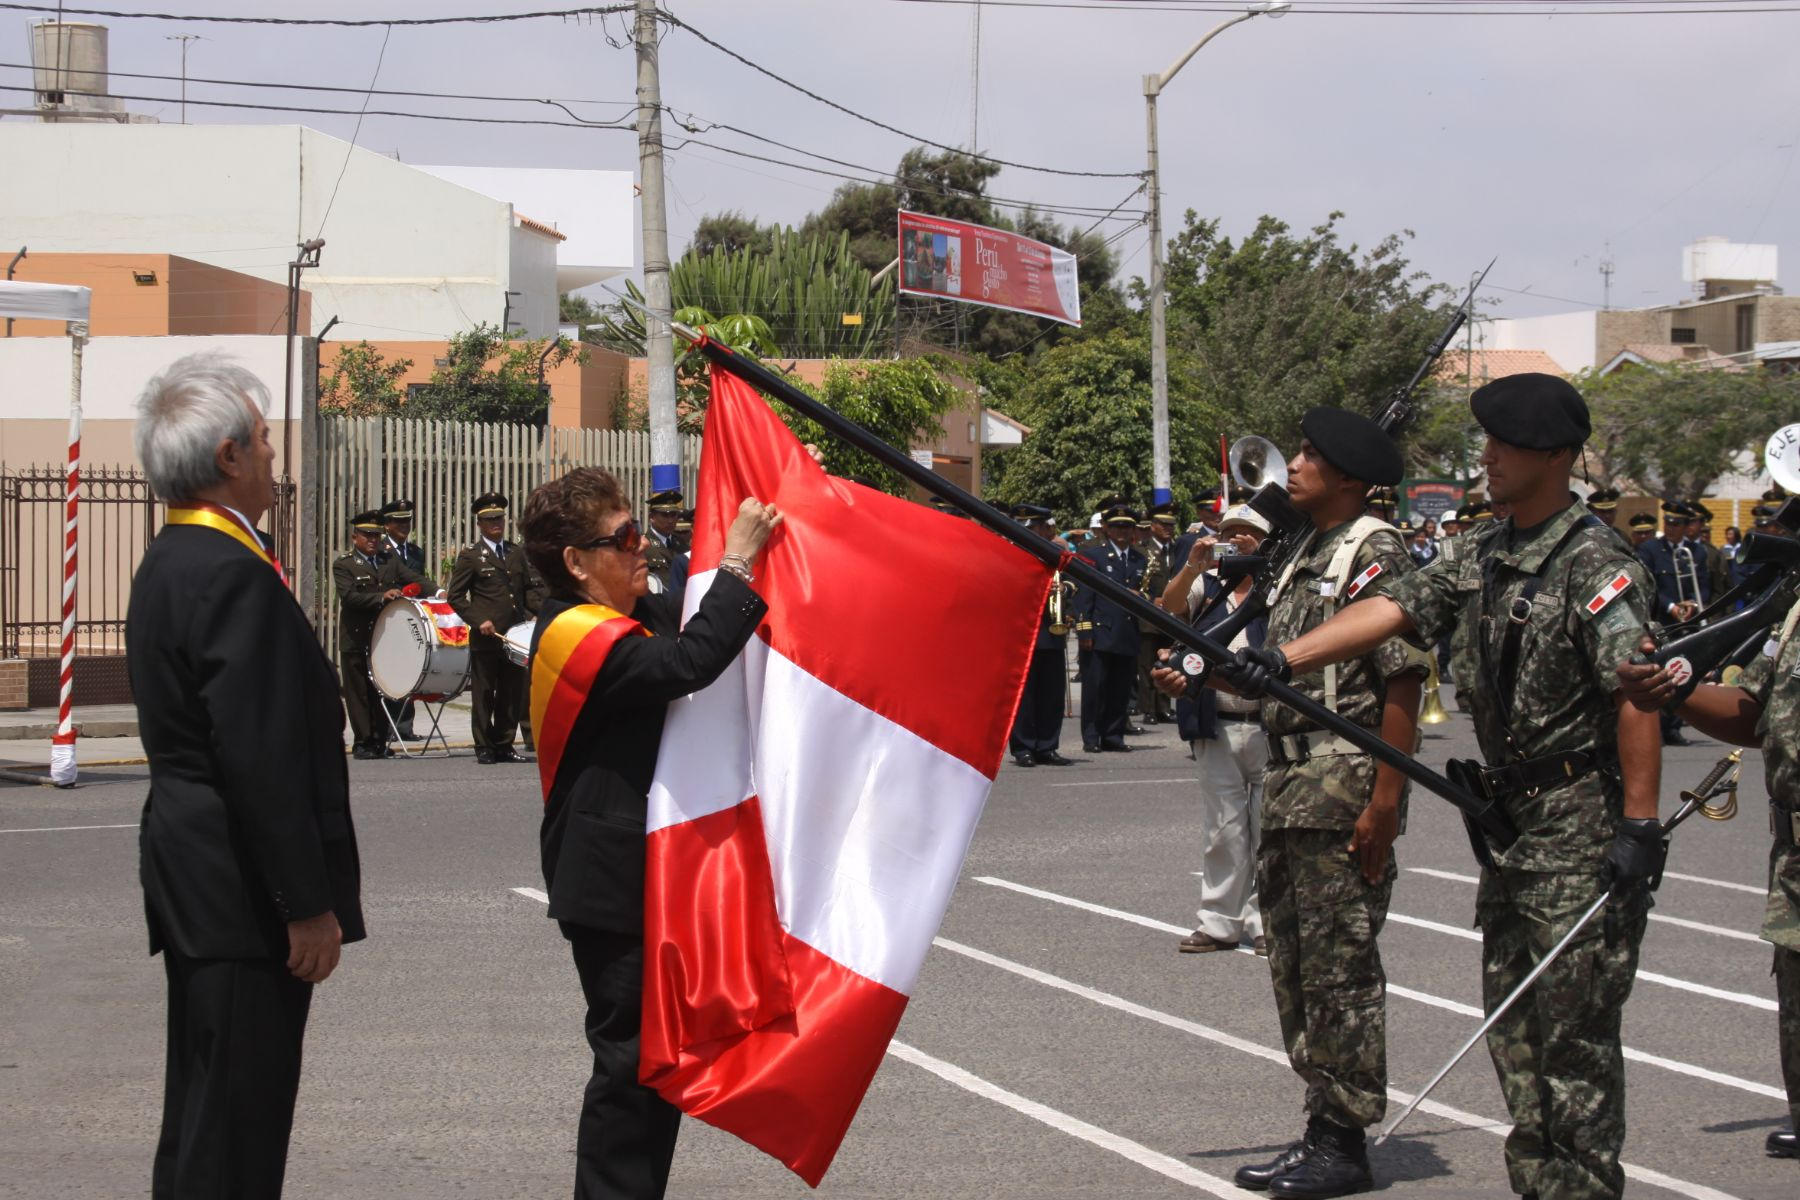 La presidenta regional de Lambayeque, Nery Saldarriaga, impuso la medalla de la región a la Bandera peruana. Foto: Gobierno regional de Lambayeque.